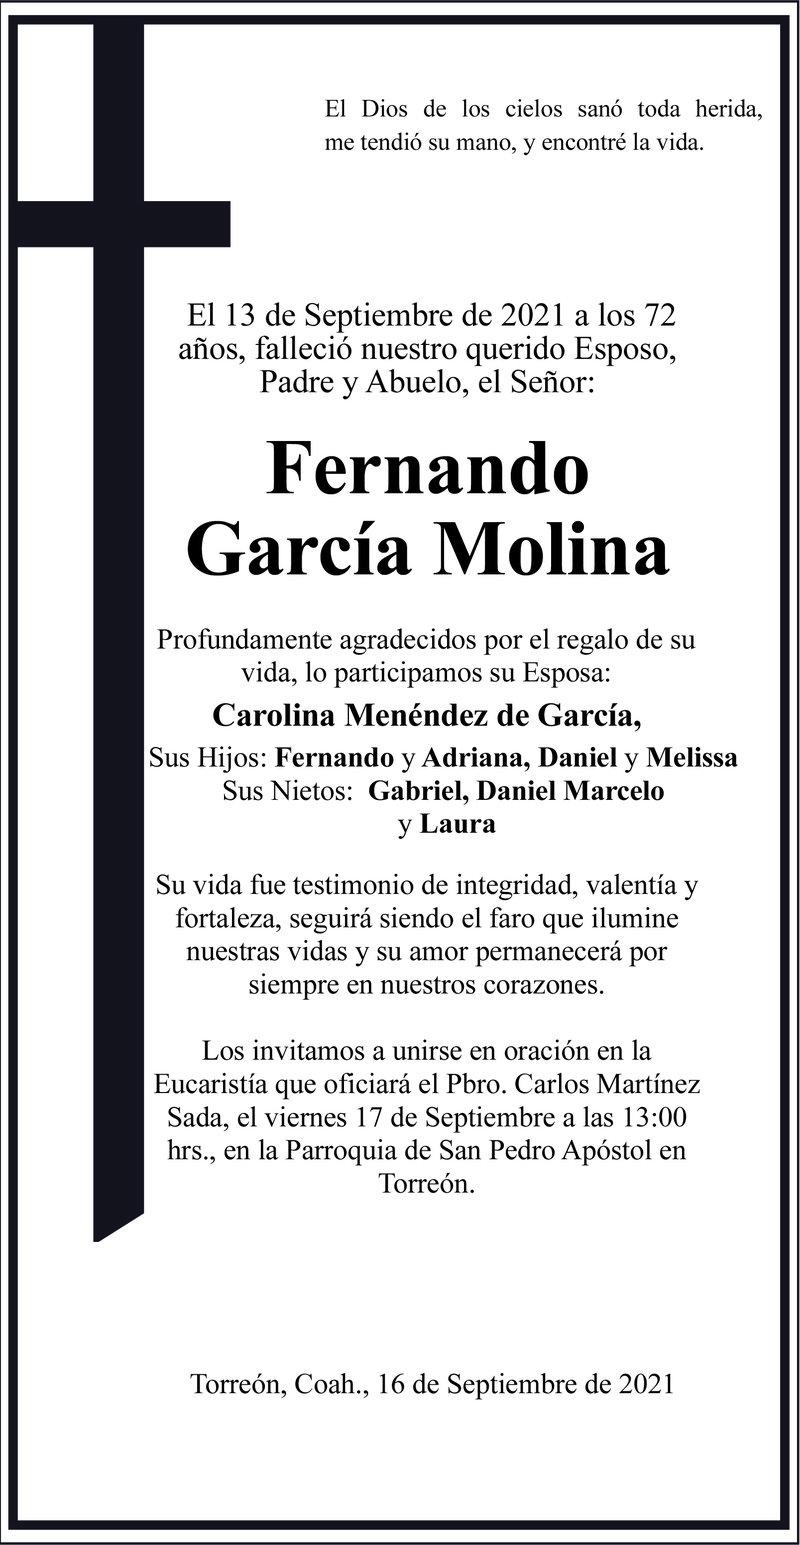 ESQUELA: SR. FERNANDO GARCÍA MOLINA. El 13 de septiembre de 2021, a los 72 años, falleció el Sr. Fernando. La misa será el viernes 17 de septiembre a las 13 hrs. en la Parroquia de San Pedro Apóstol en Torreón.